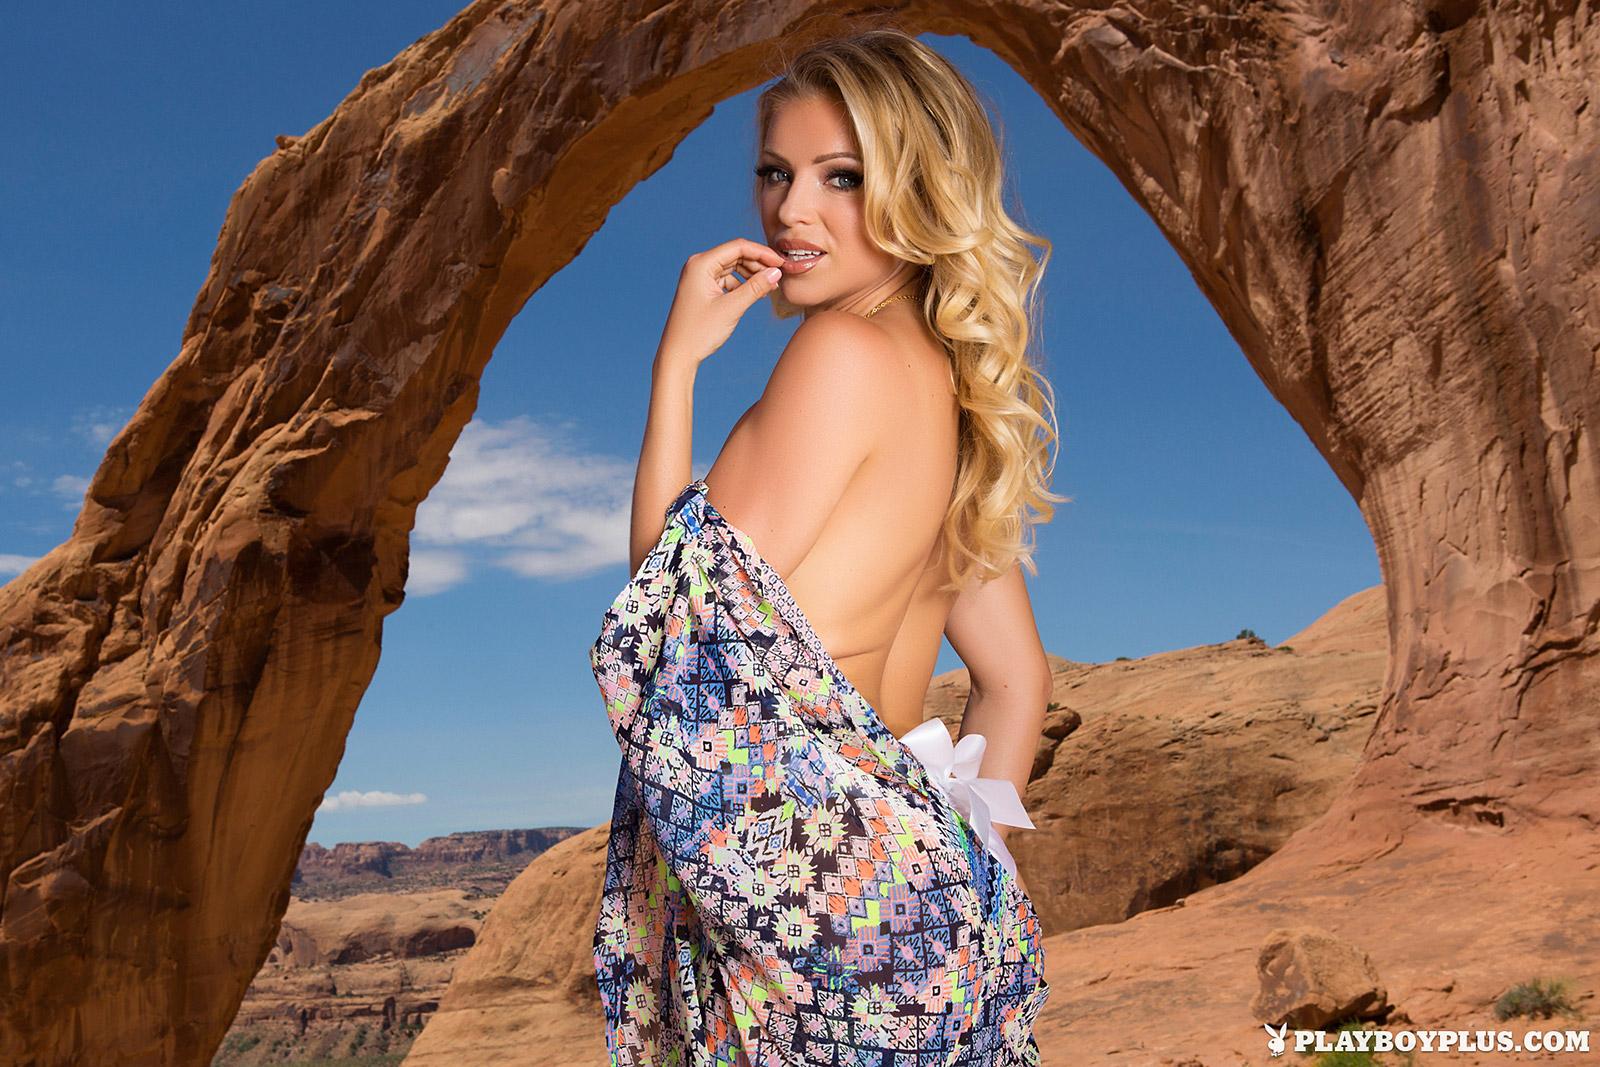 Blanca Brooke Hot Czech Model Nearly Naked In The Utah Desert-7466